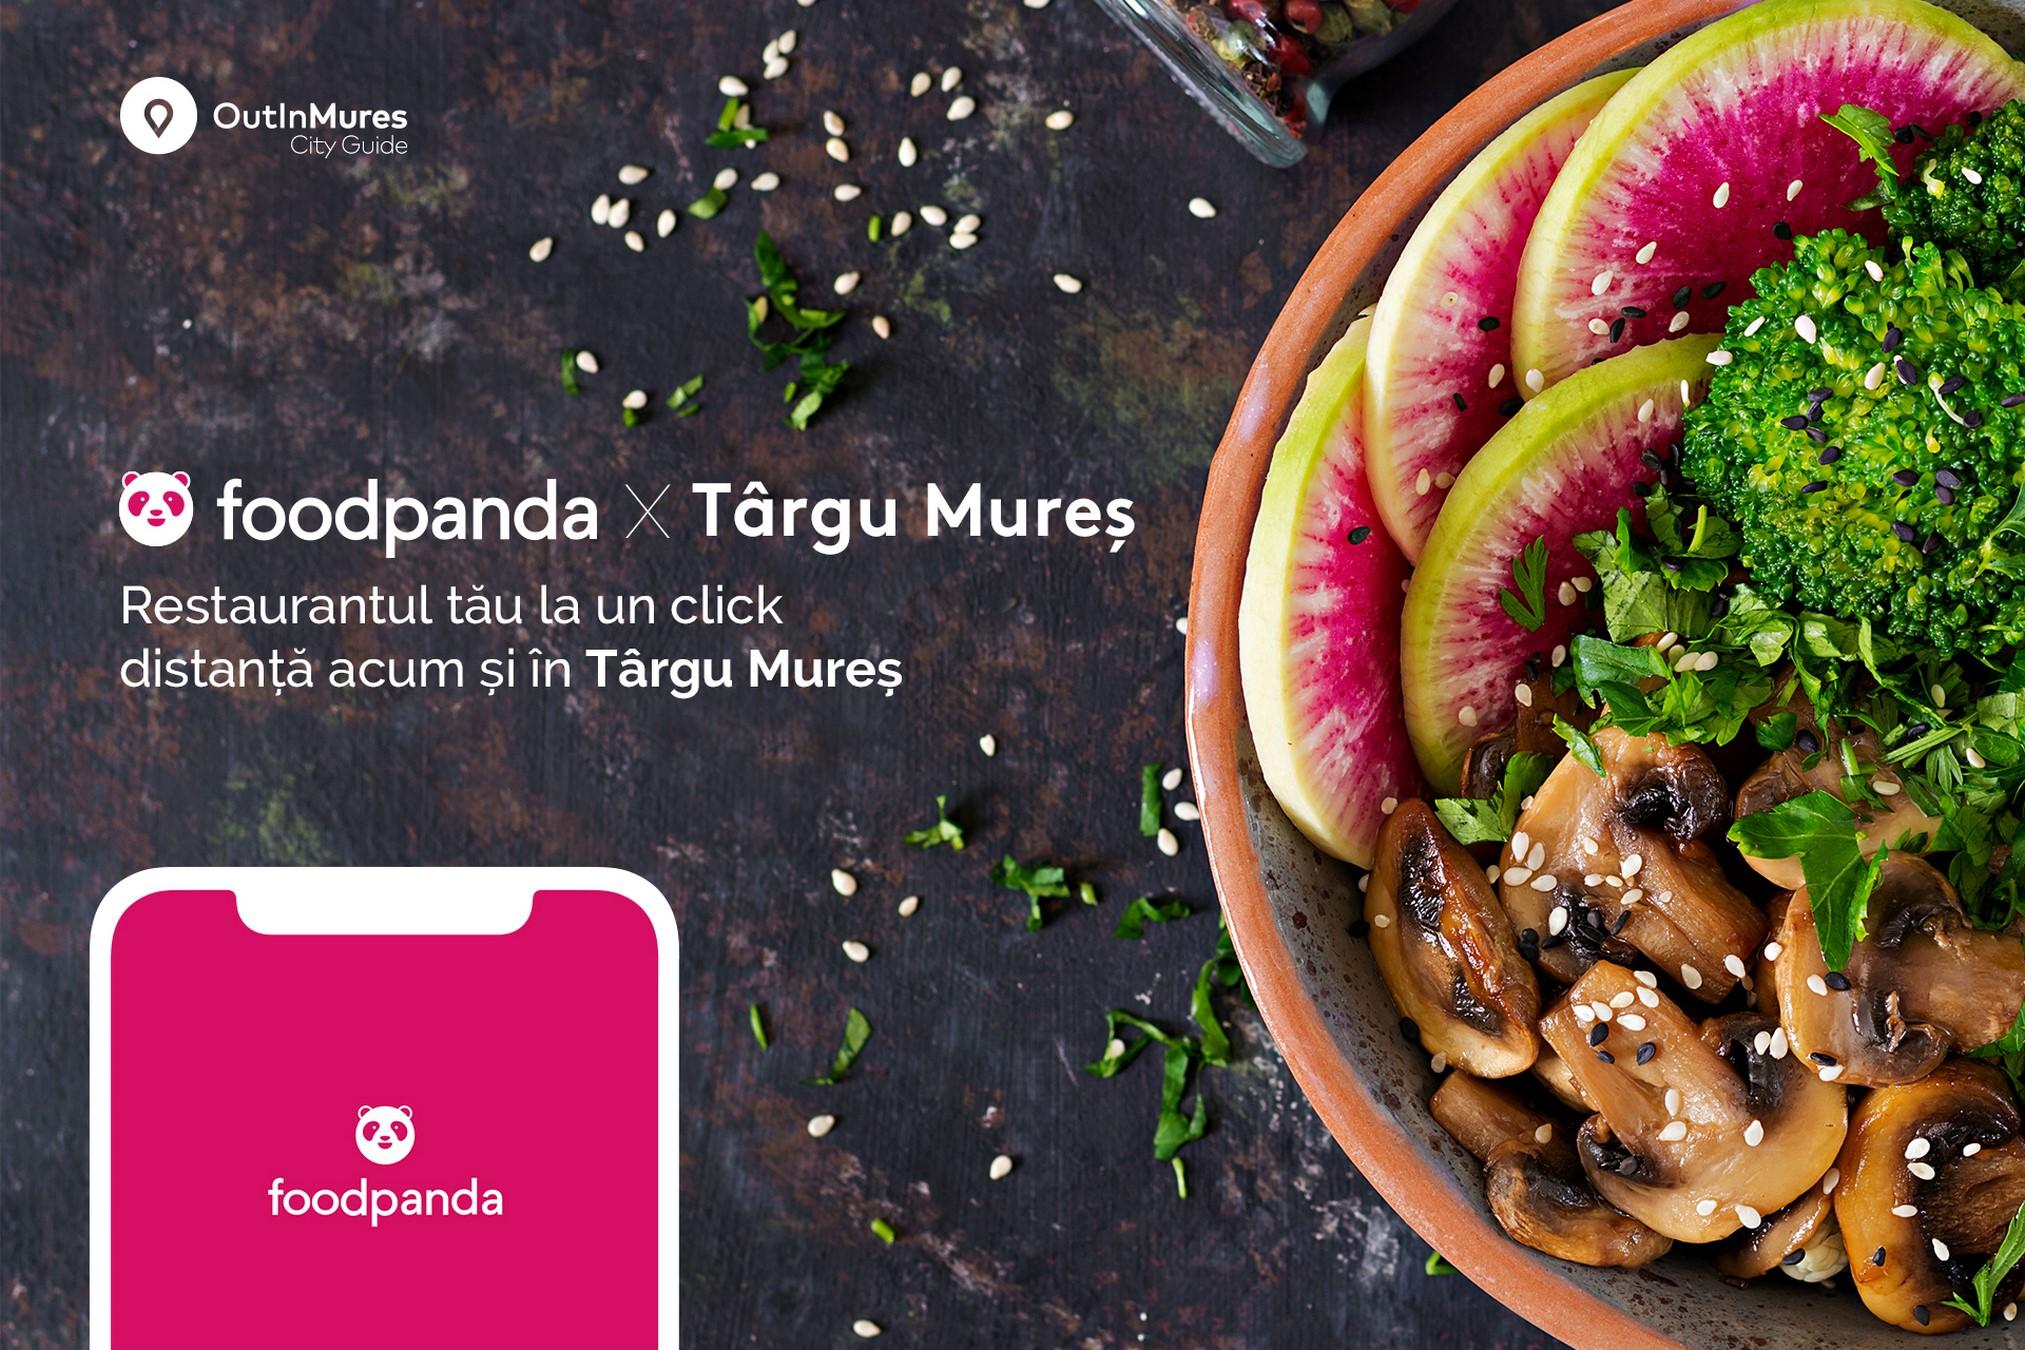 foodpanda_targu_mures_outinmures